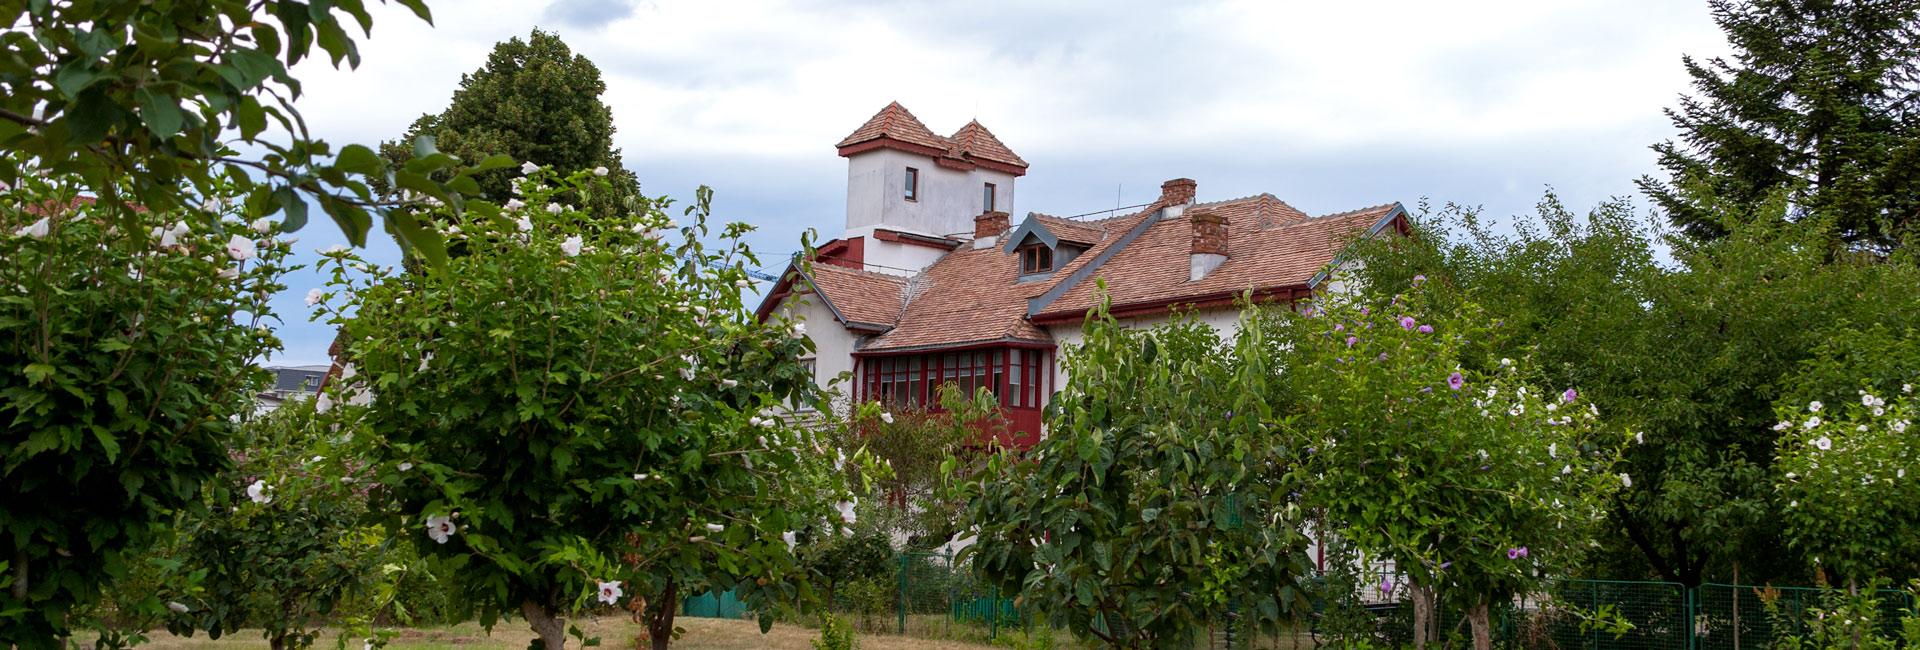 Casa-Memoriala-Tudor-Arghezi-pentru-Matricea-Romaneasca-foto-slider1